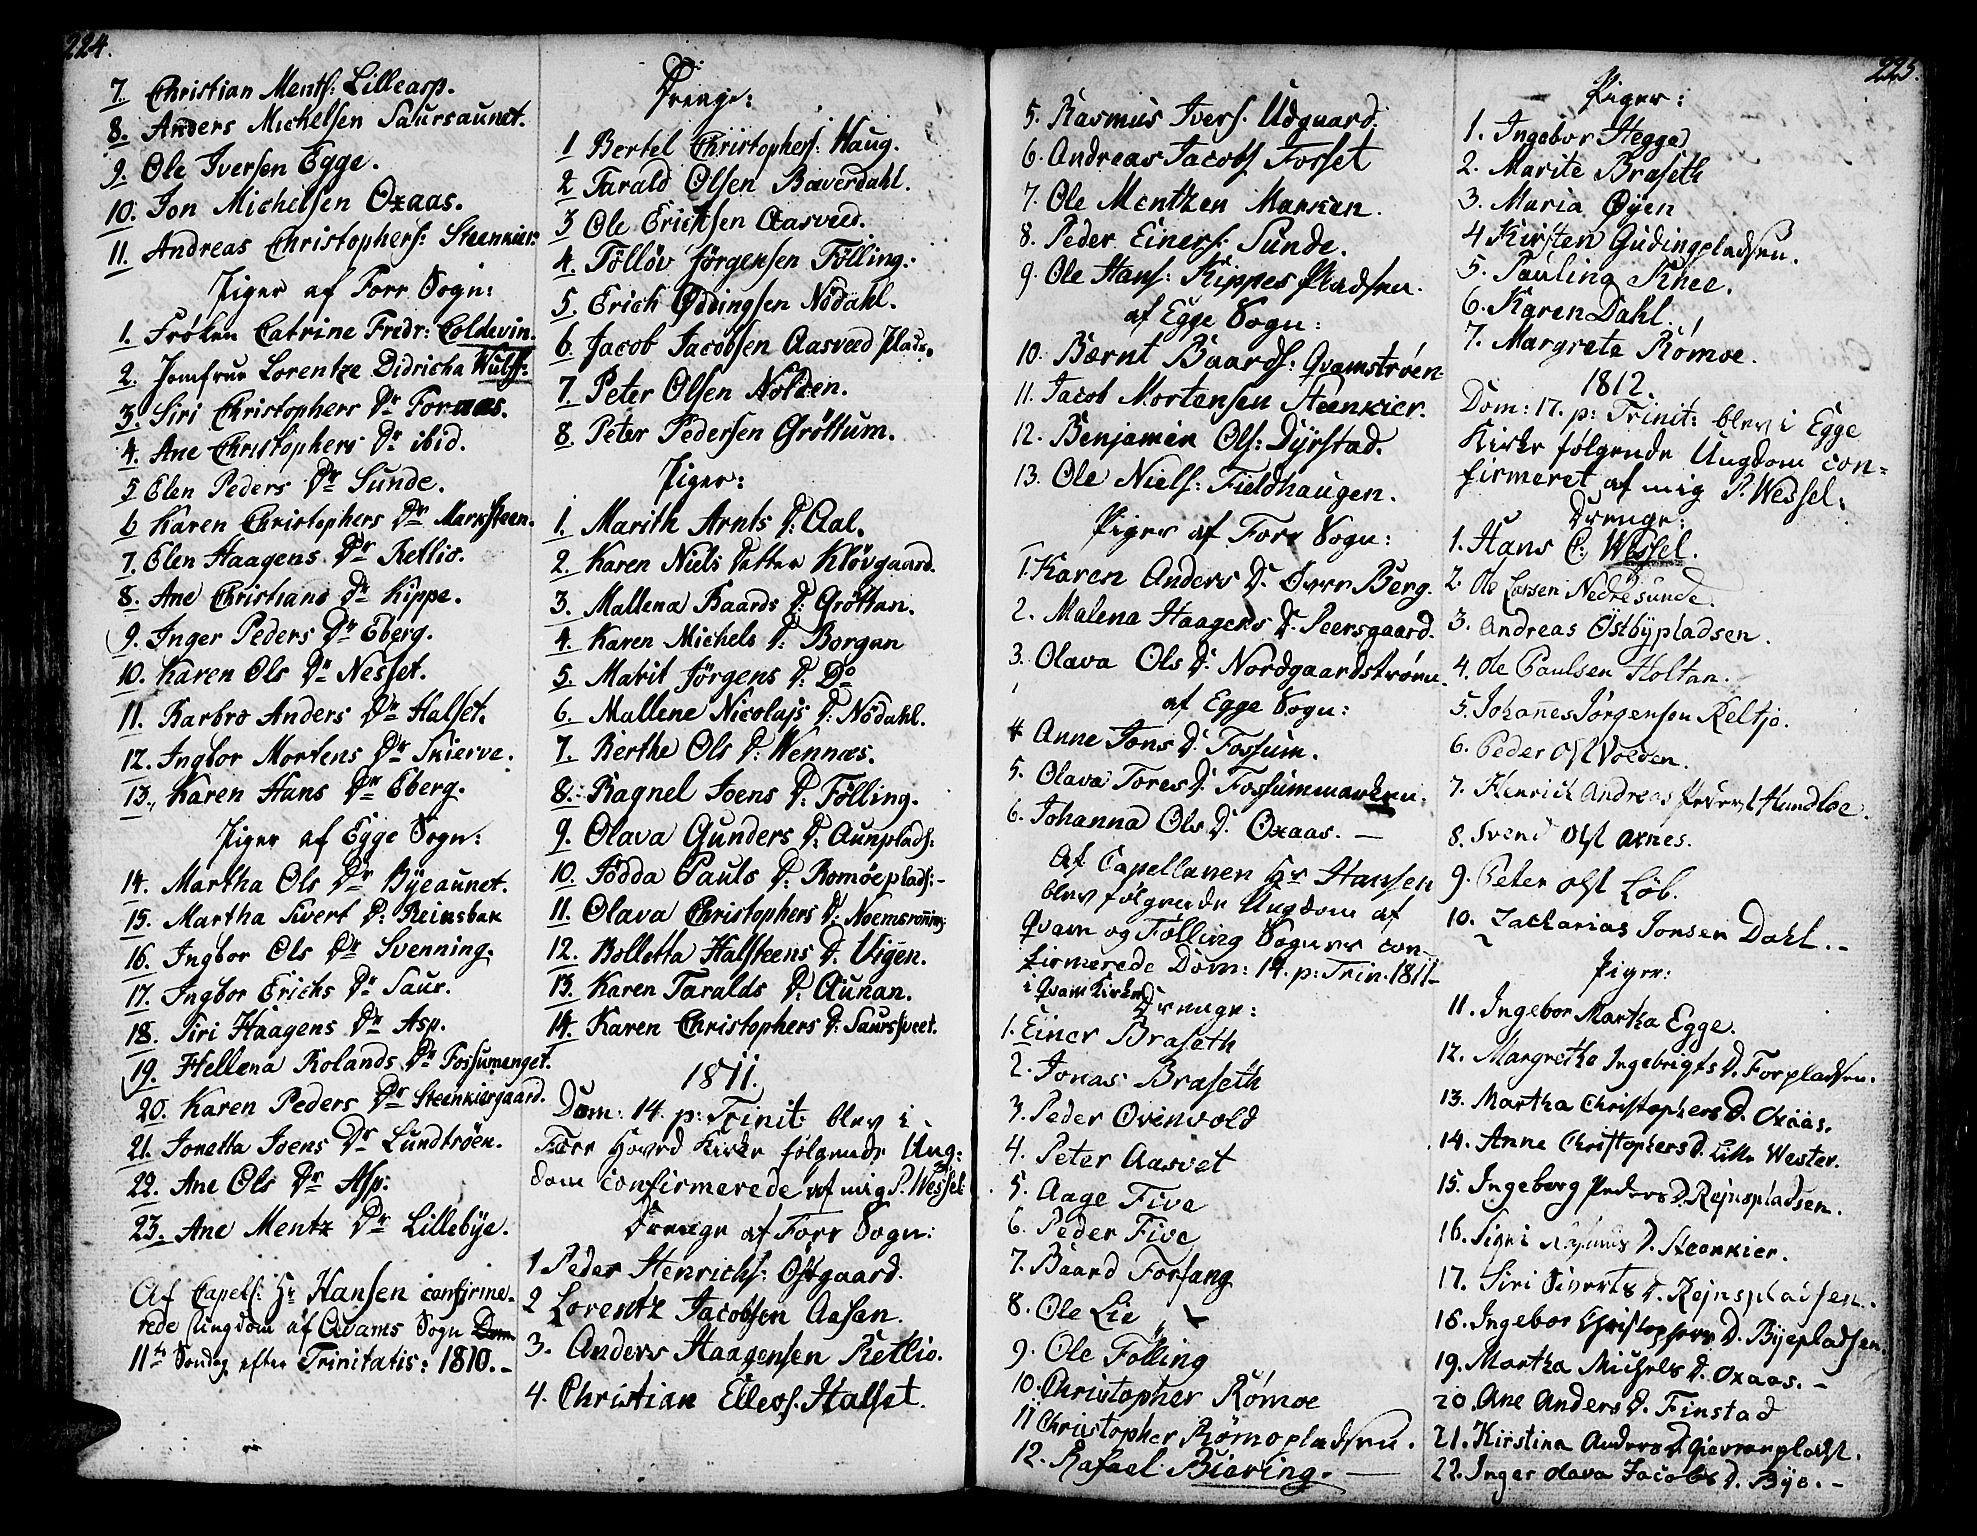 SAT, Ministerialprotokoller, klokkerbøker og fødselsregistre - Nord-Trøndelag, 746/L0440: Ministerialbok nr. 746A02, 1760-1815, s. 224-225